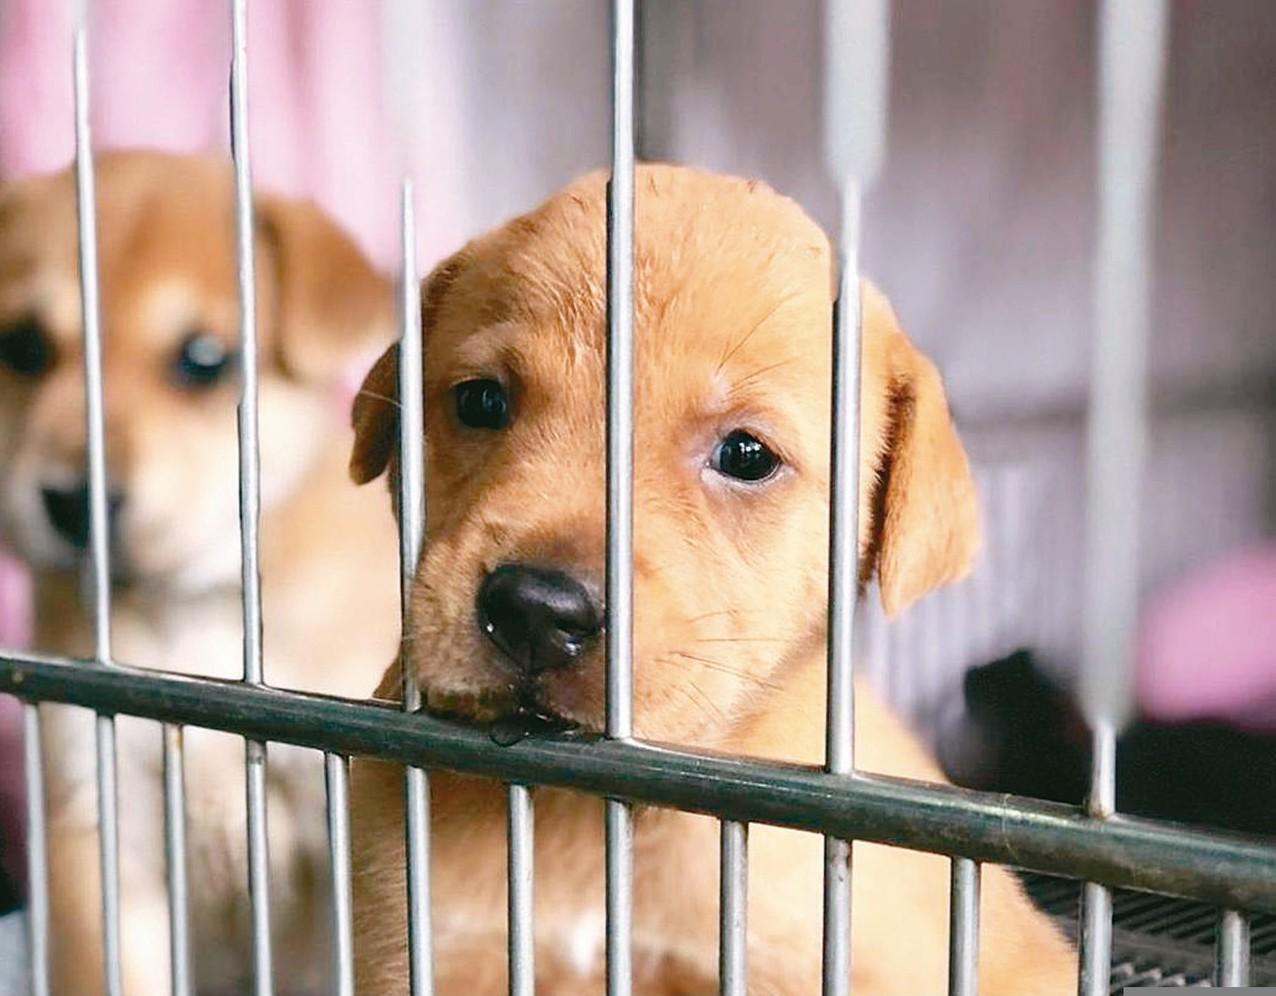 藥品追蹤流向規定,讓獸醫界憂心600多項人用藥品將不能再用於動物。 圖/聯合報系...